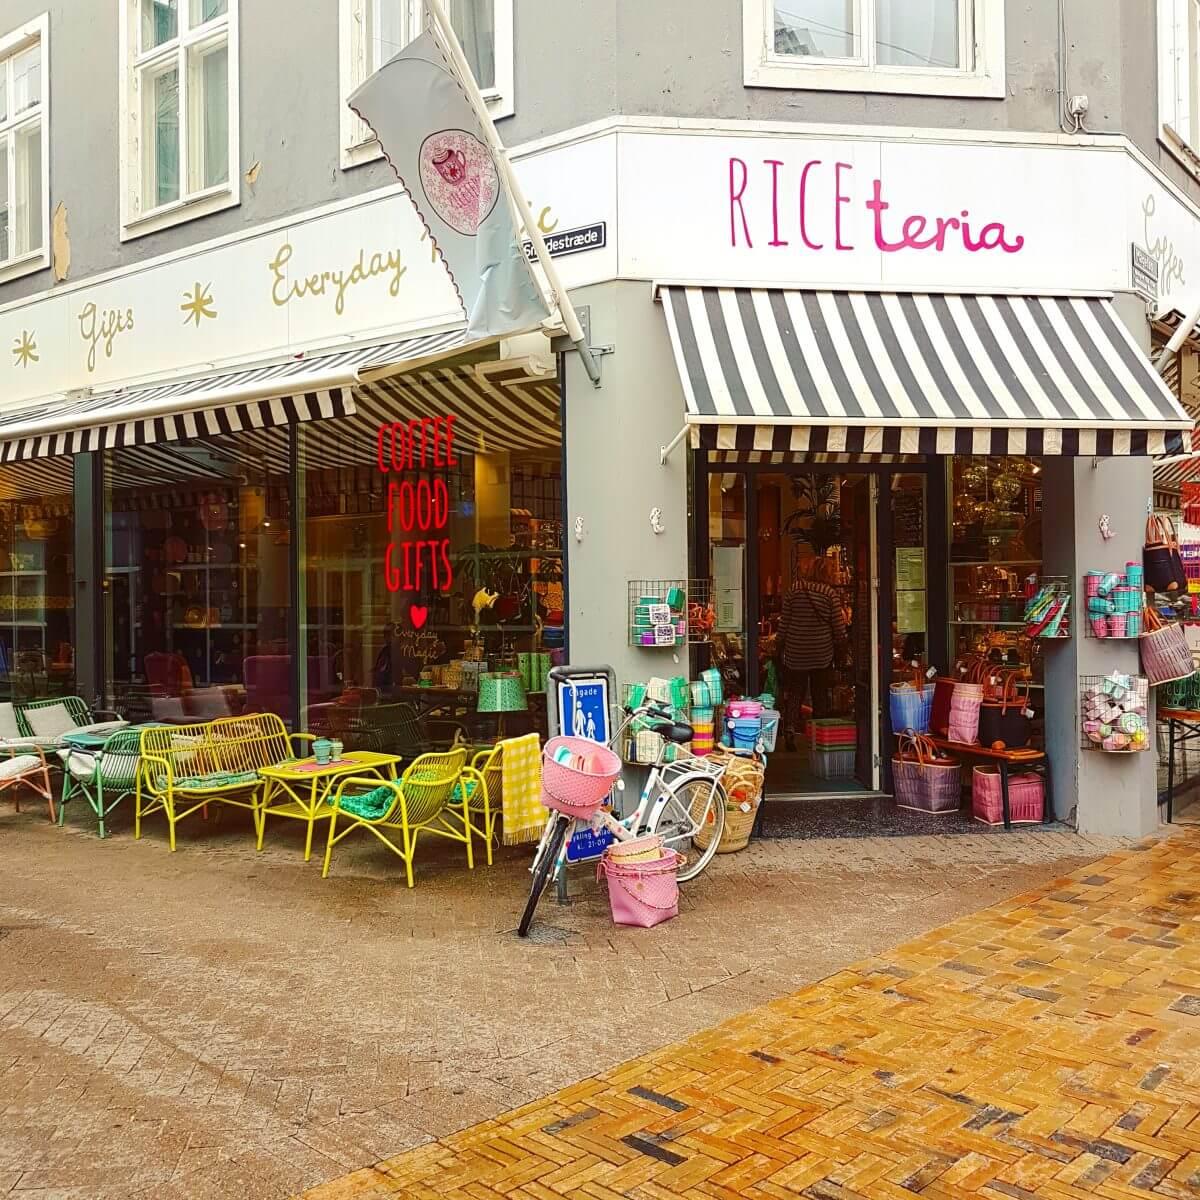 Vakantie met kids: sprookjesachtig Funen in Denemarken - moderne stad Odense met historie van Hans Andersen - RICEteria